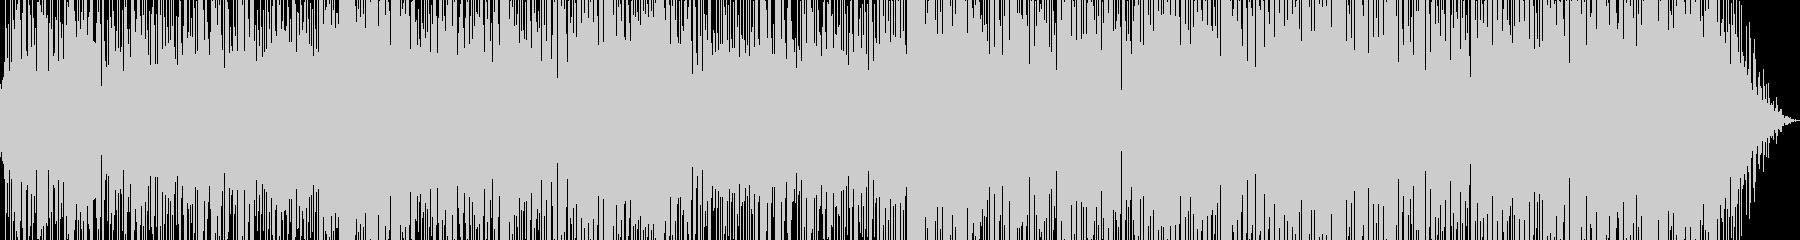 エレピが印象的なボサノバポップの未再生の波形